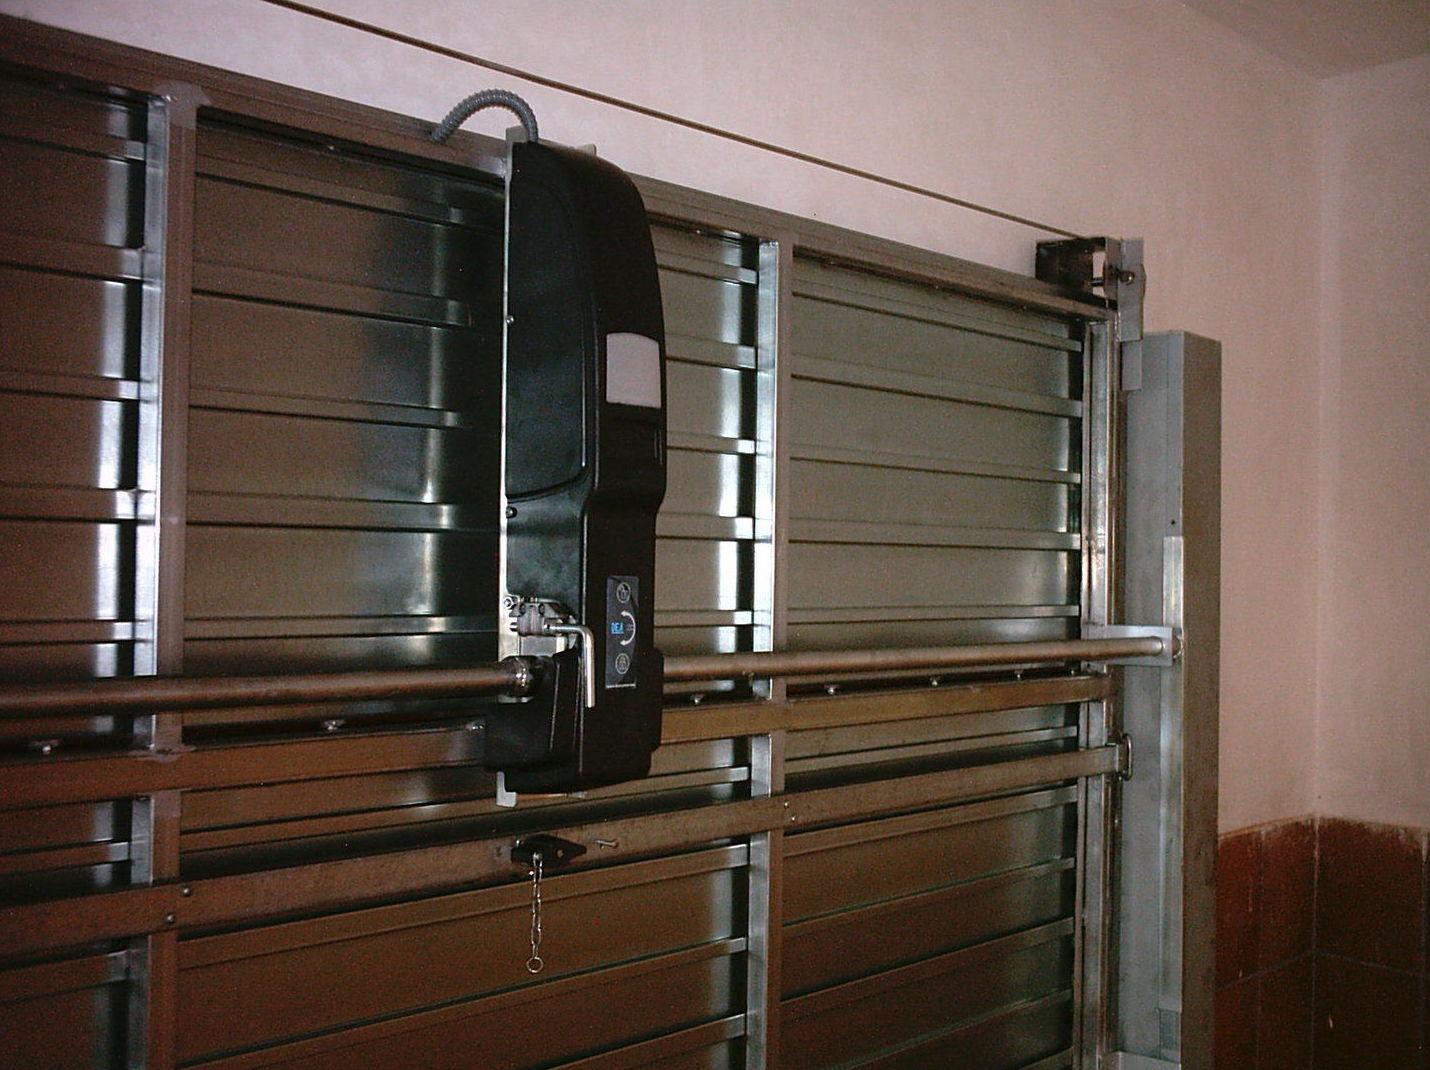 Mantenimiento de mecanismos de puertas de garaje